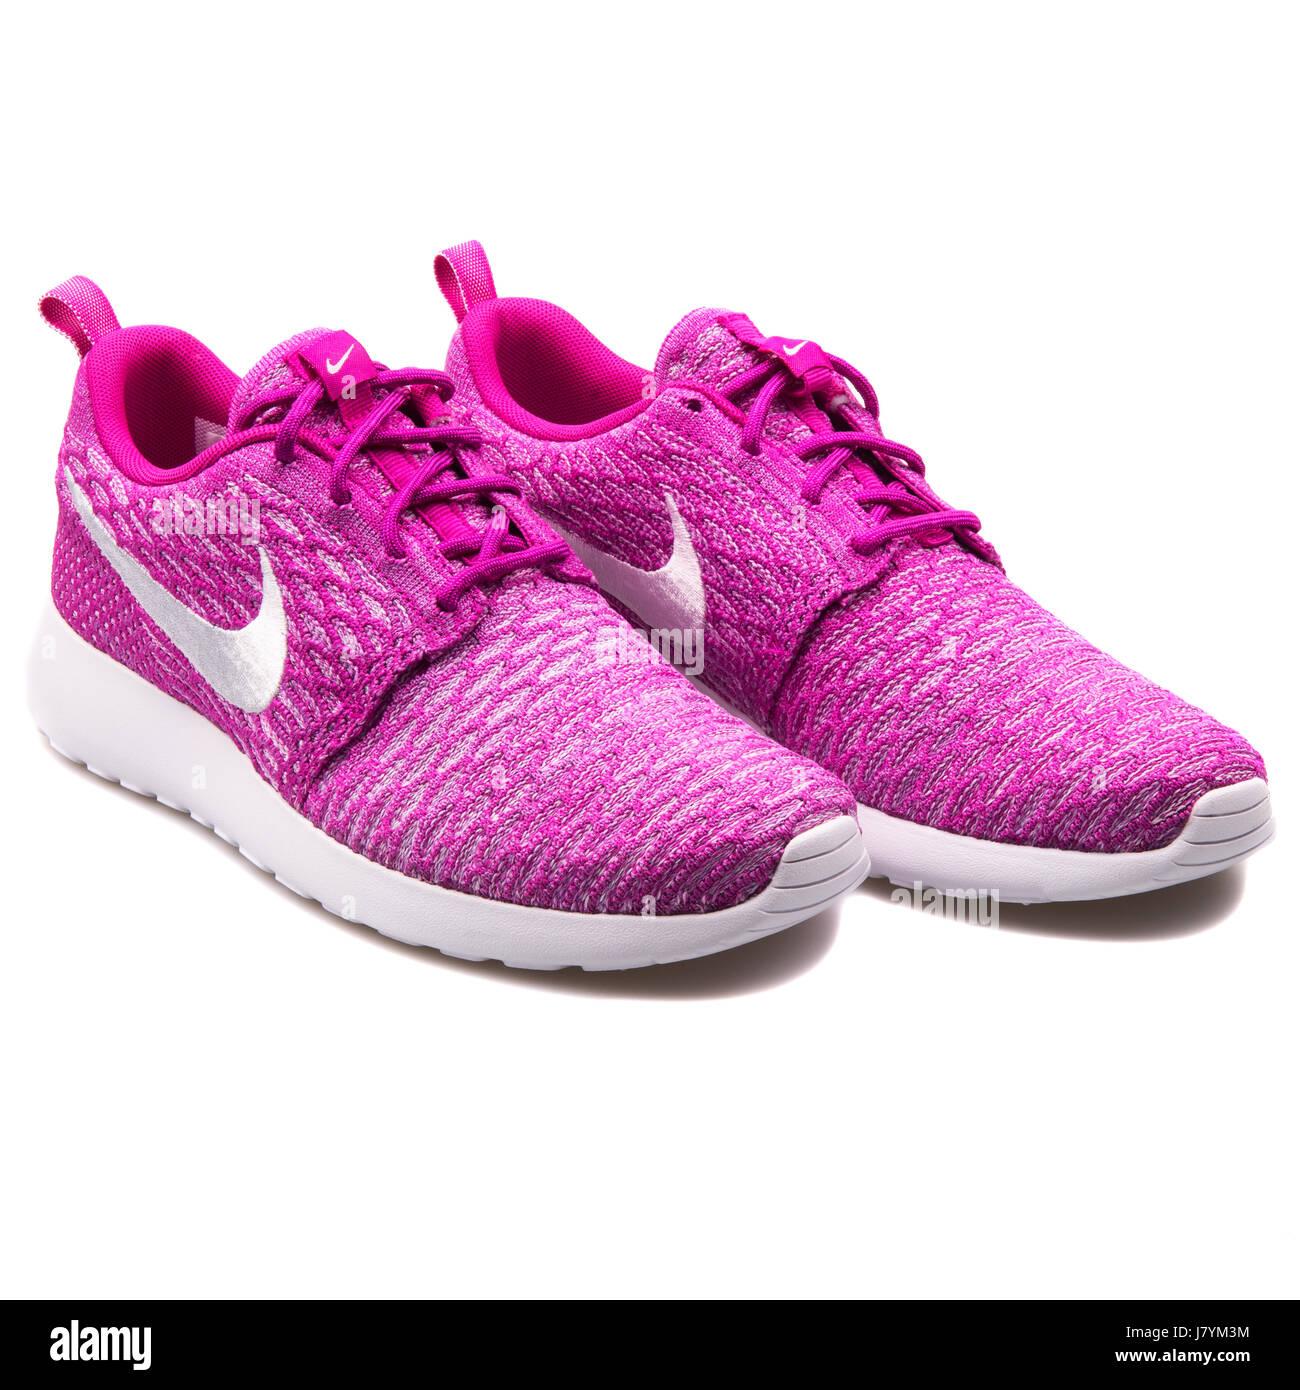 194bacf3bd4a Nike WMNS Rosherun Flyknit Women s Fuchsia Running Sneakers - 704927-500